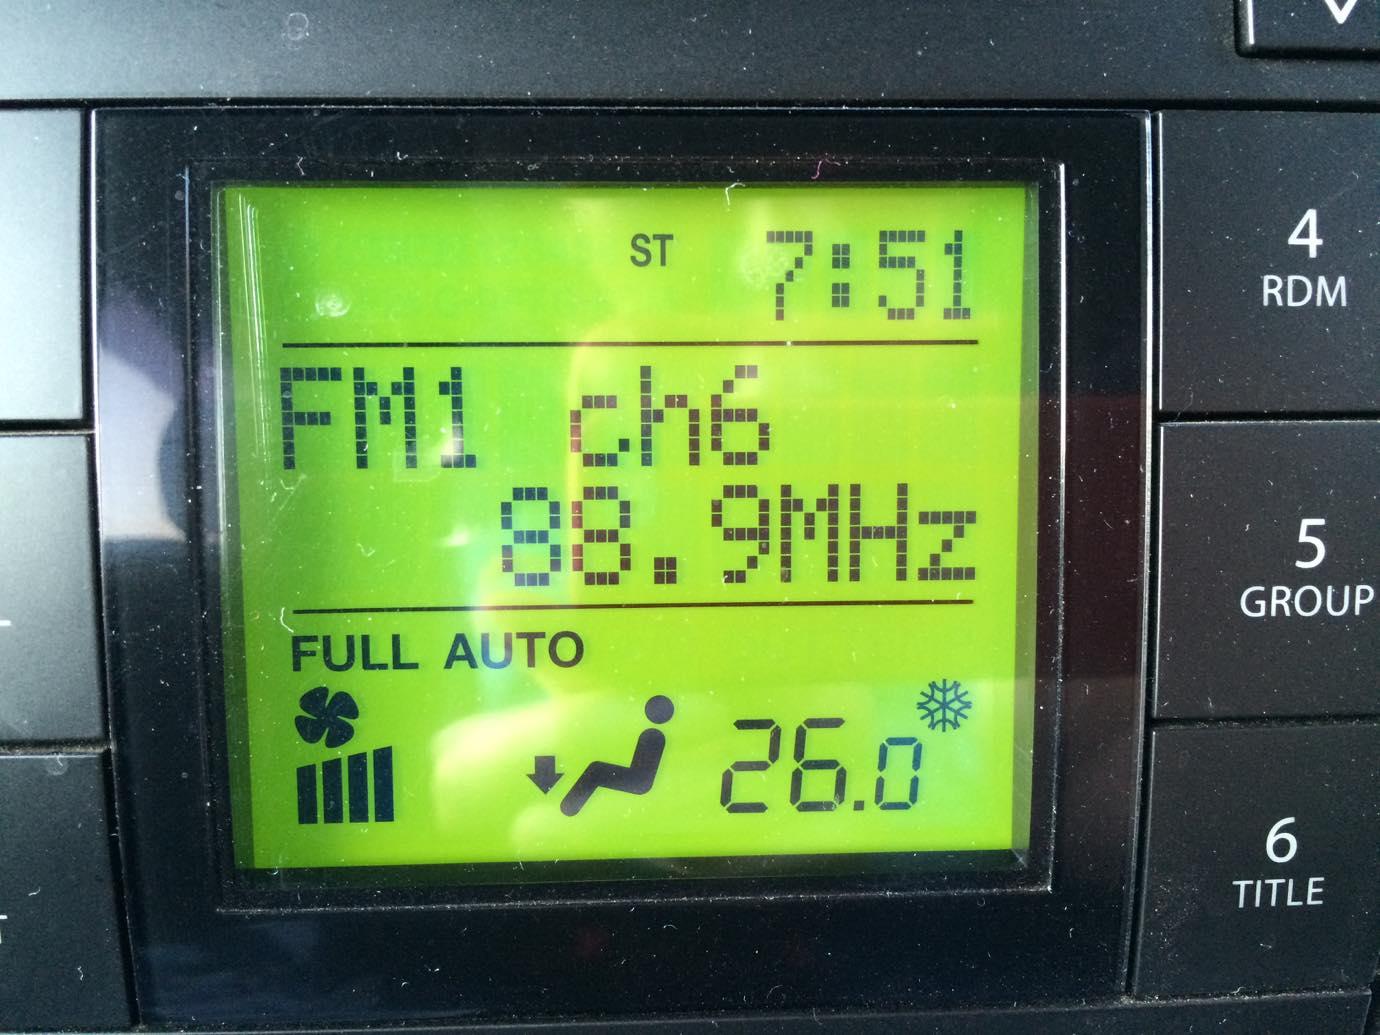 JF BTFM2W 08 20141228 140140